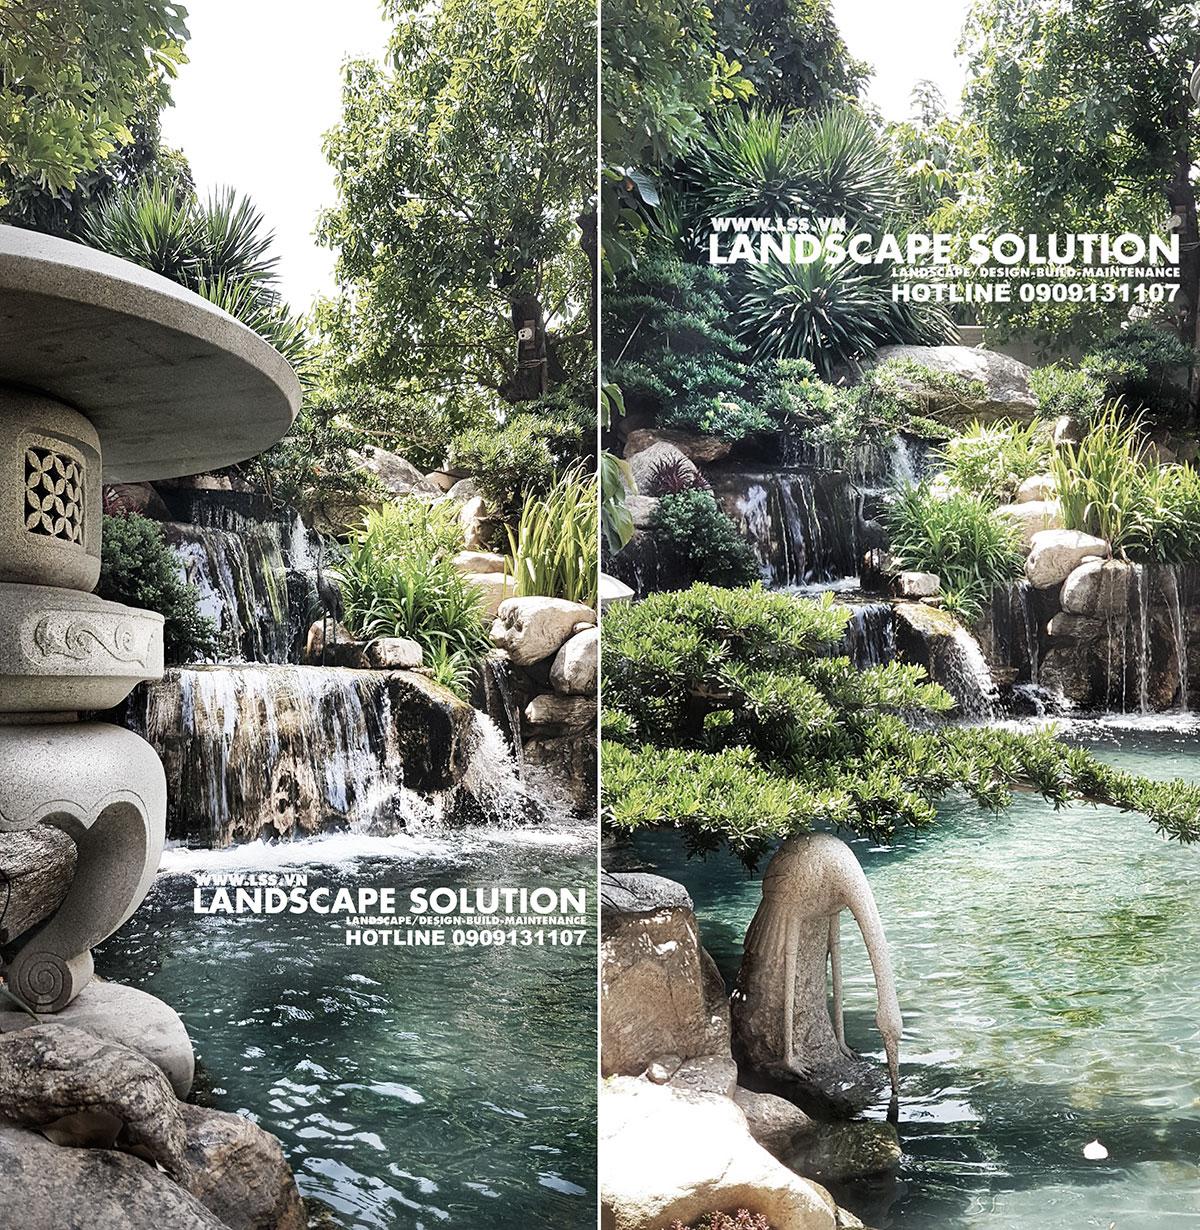 6 Phong Cách Thiết Kế Hồ Cá Koi Đẹp Nhất Cho Sân Vườn Biệt Thự 2019 6-phong-cach-thiet-ke-ho-ca-Koi-dep-nhat-cho-san-vuon-biet-thu-(6)